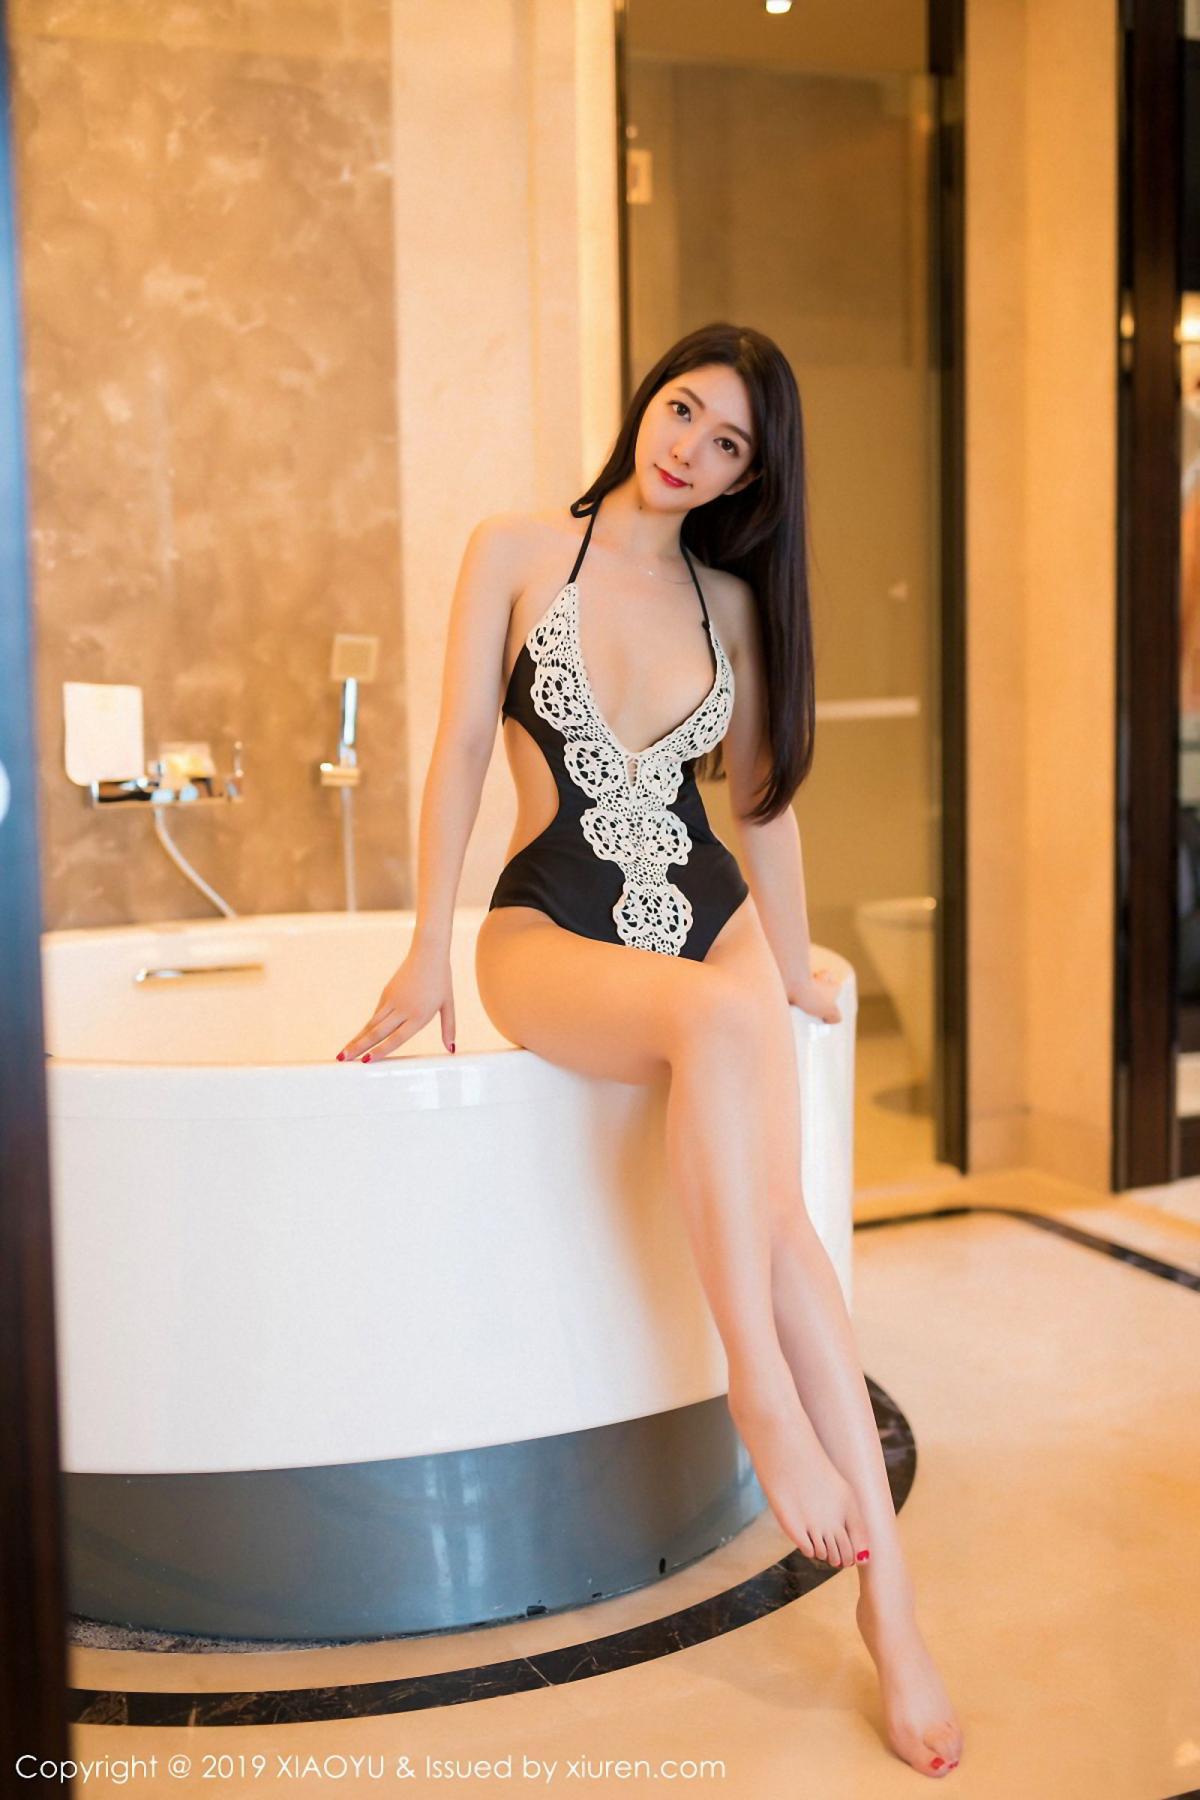 [XiaoYu] Vol.046 Angela Xi Huan Mao 8P, Di Yi, Tall, Underwear, XiaoYu